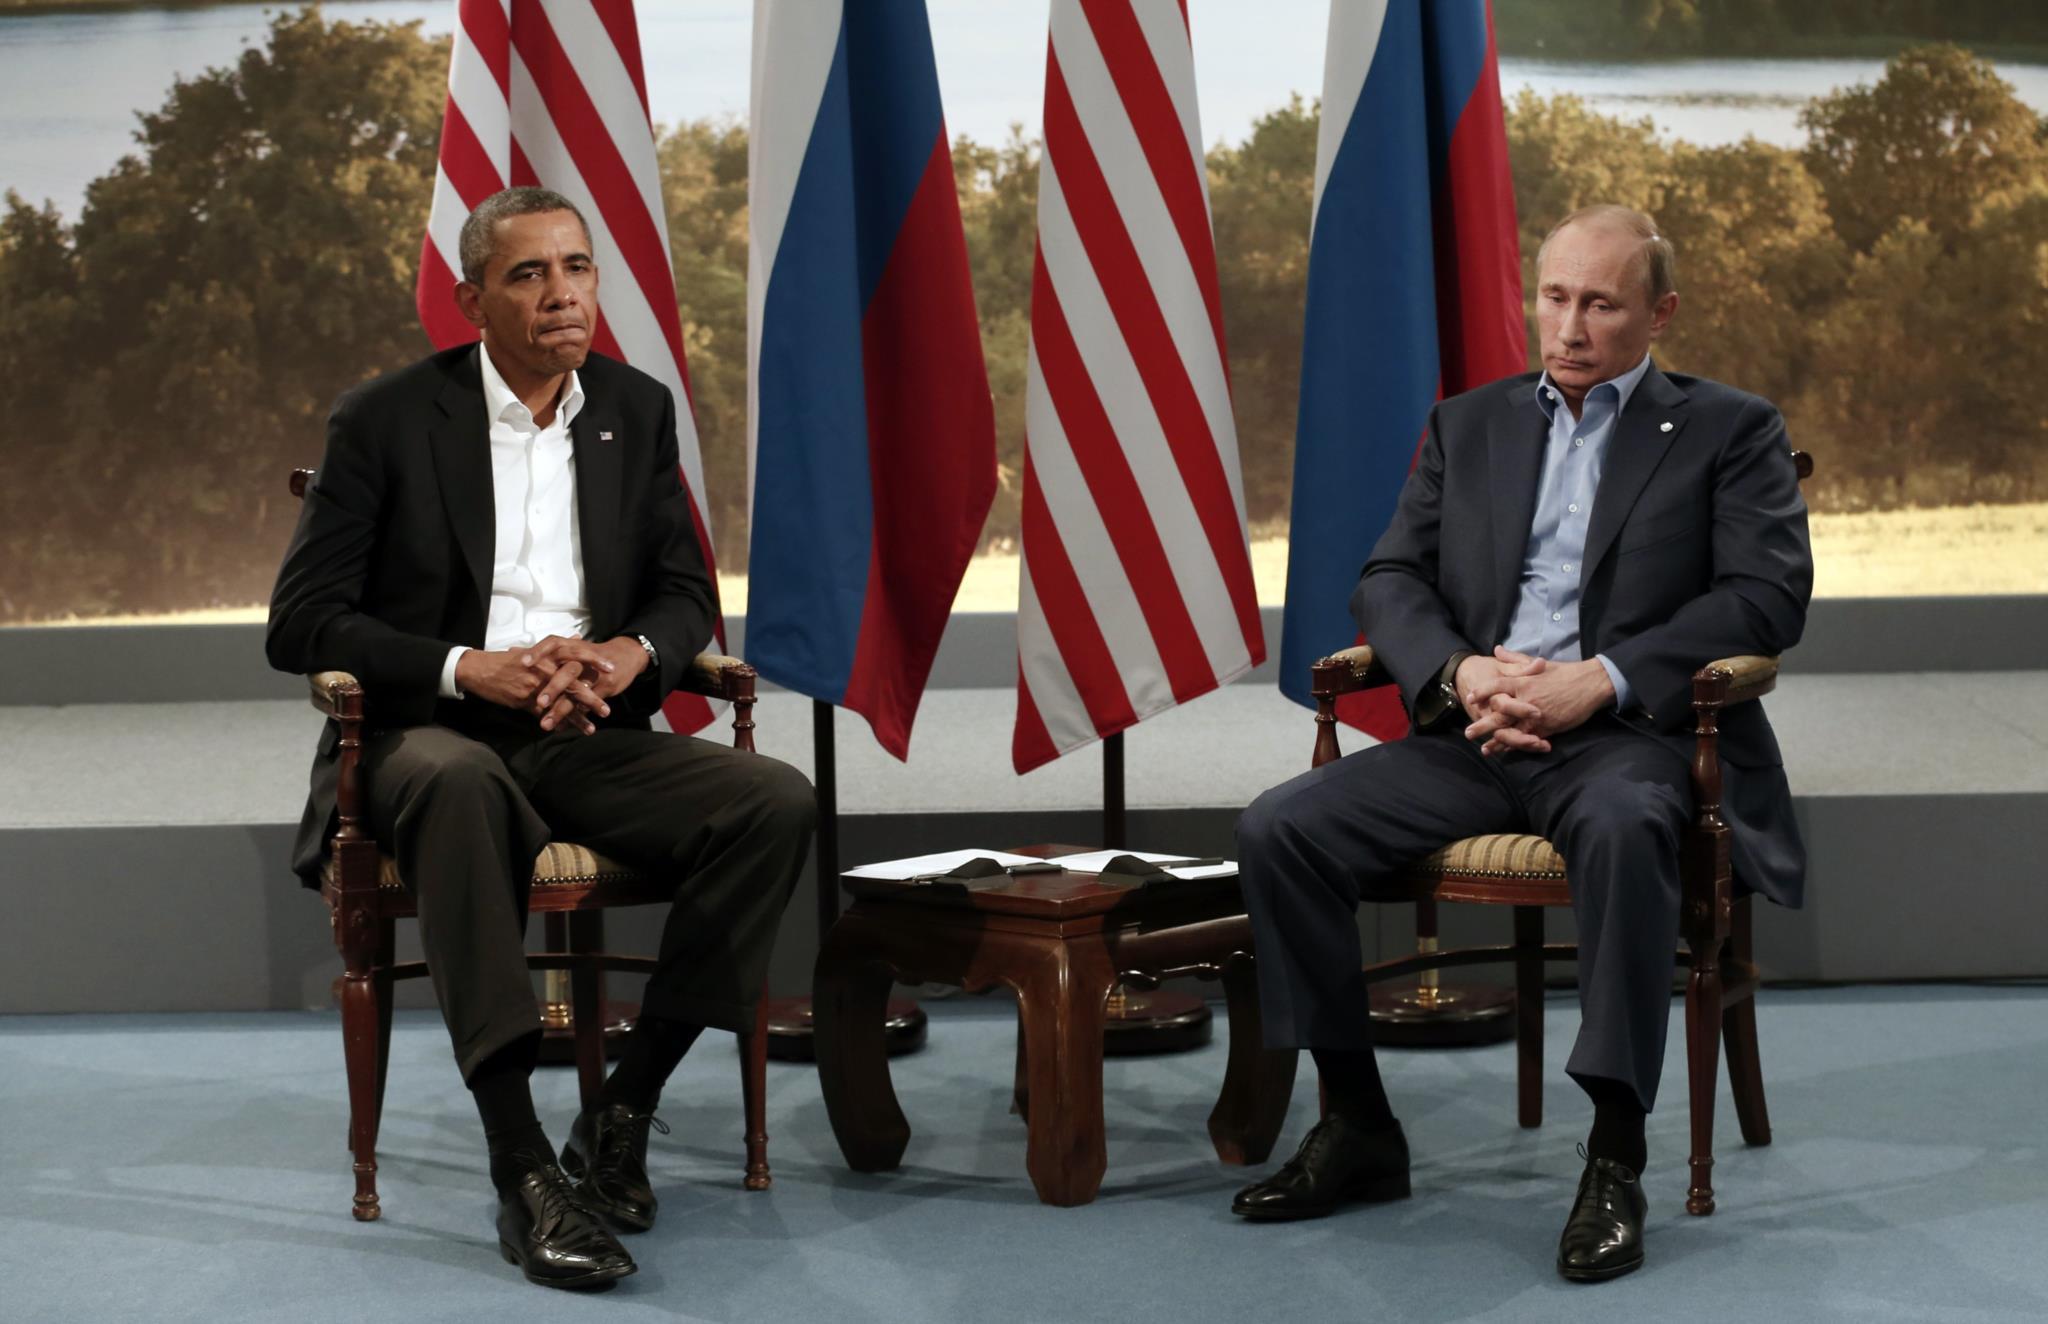 Barack Obama num encontro com o Presidente russo Vladimir Putin durante a cimeira do G8, em Junho de 2013